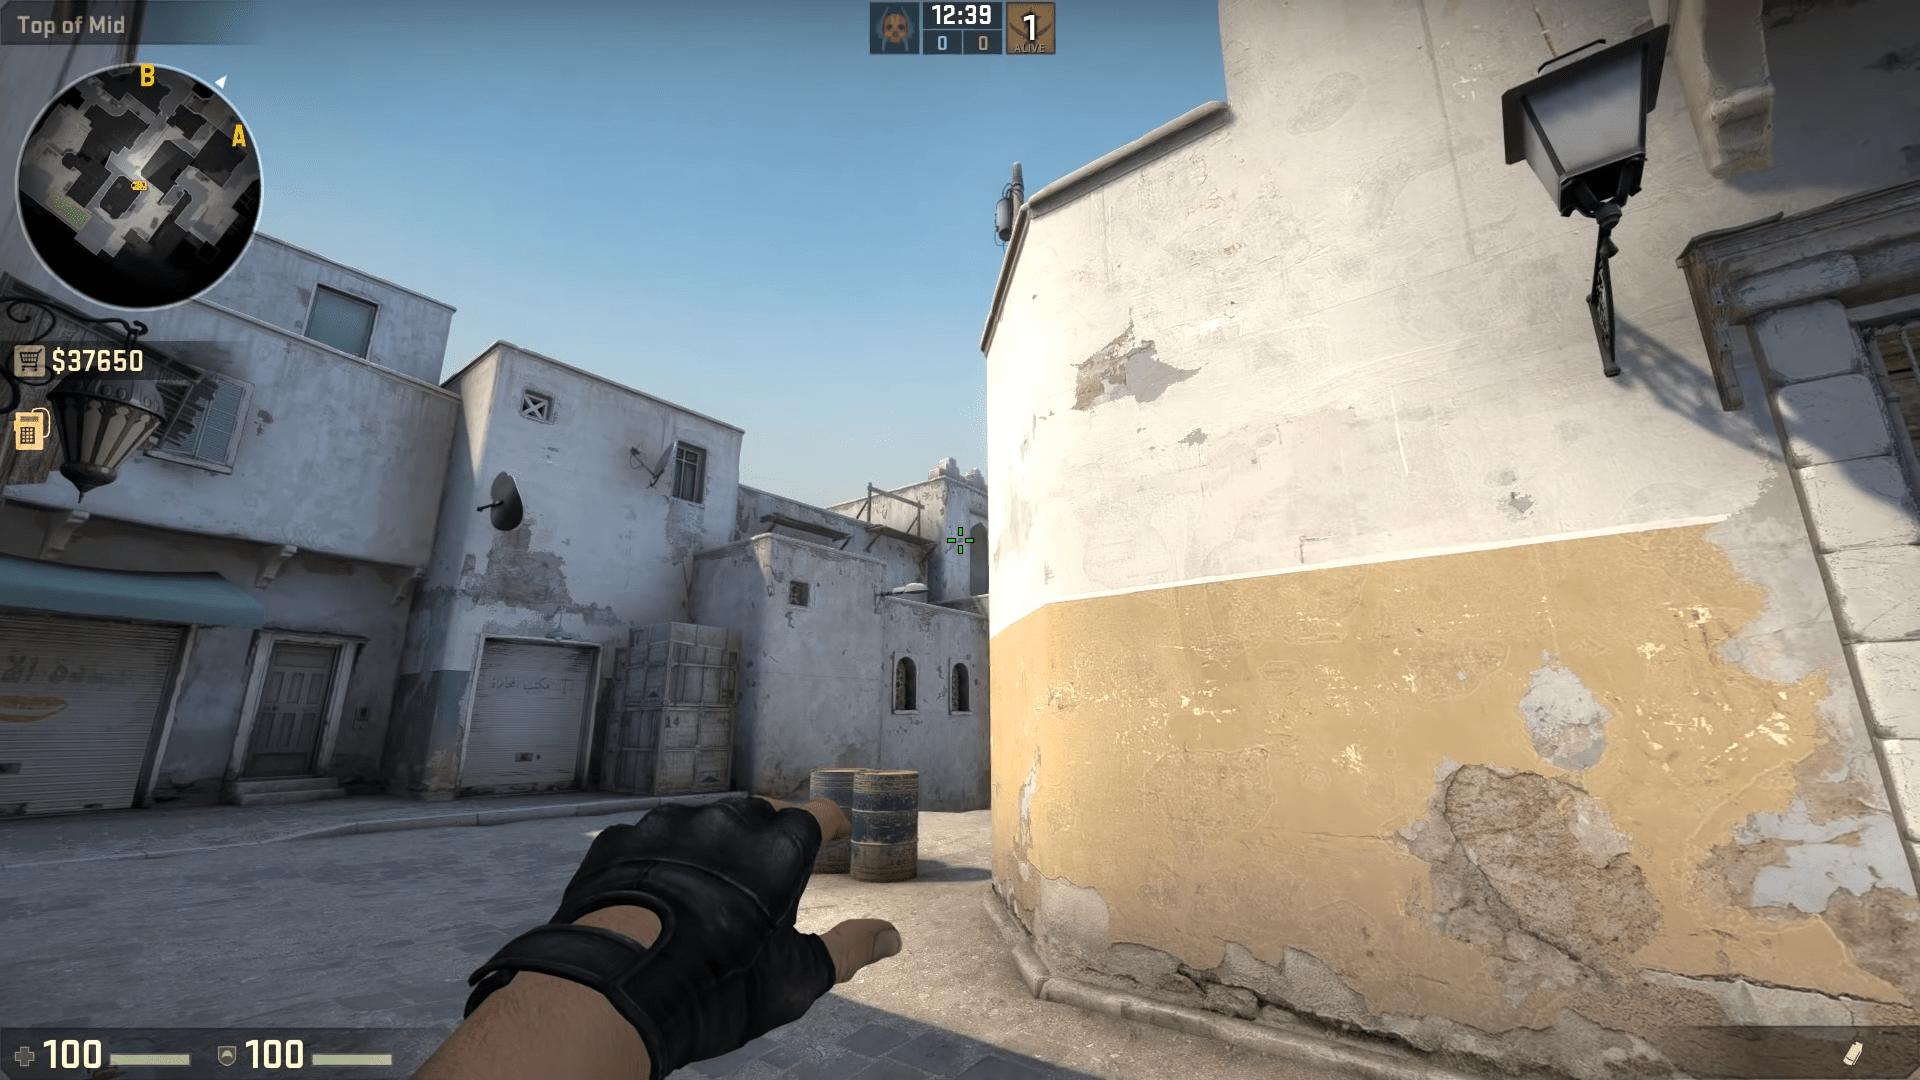 Best Grenade Spots Dust 2